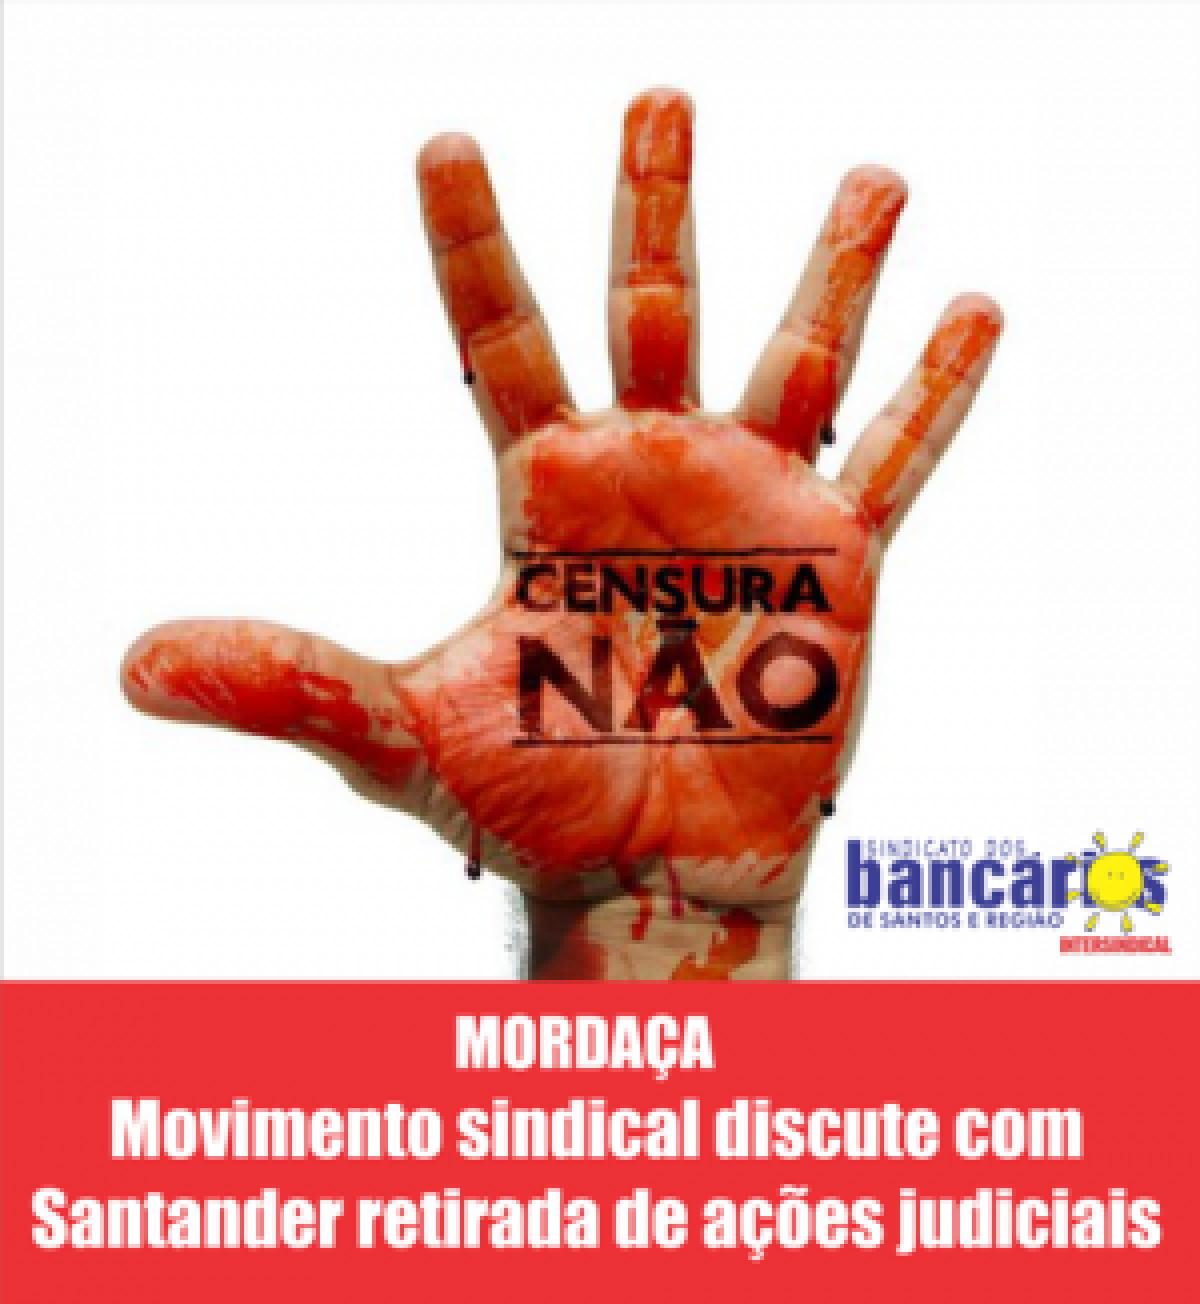 Movimento sindical discute retirada de ações judiciais com Santander nesta sexta